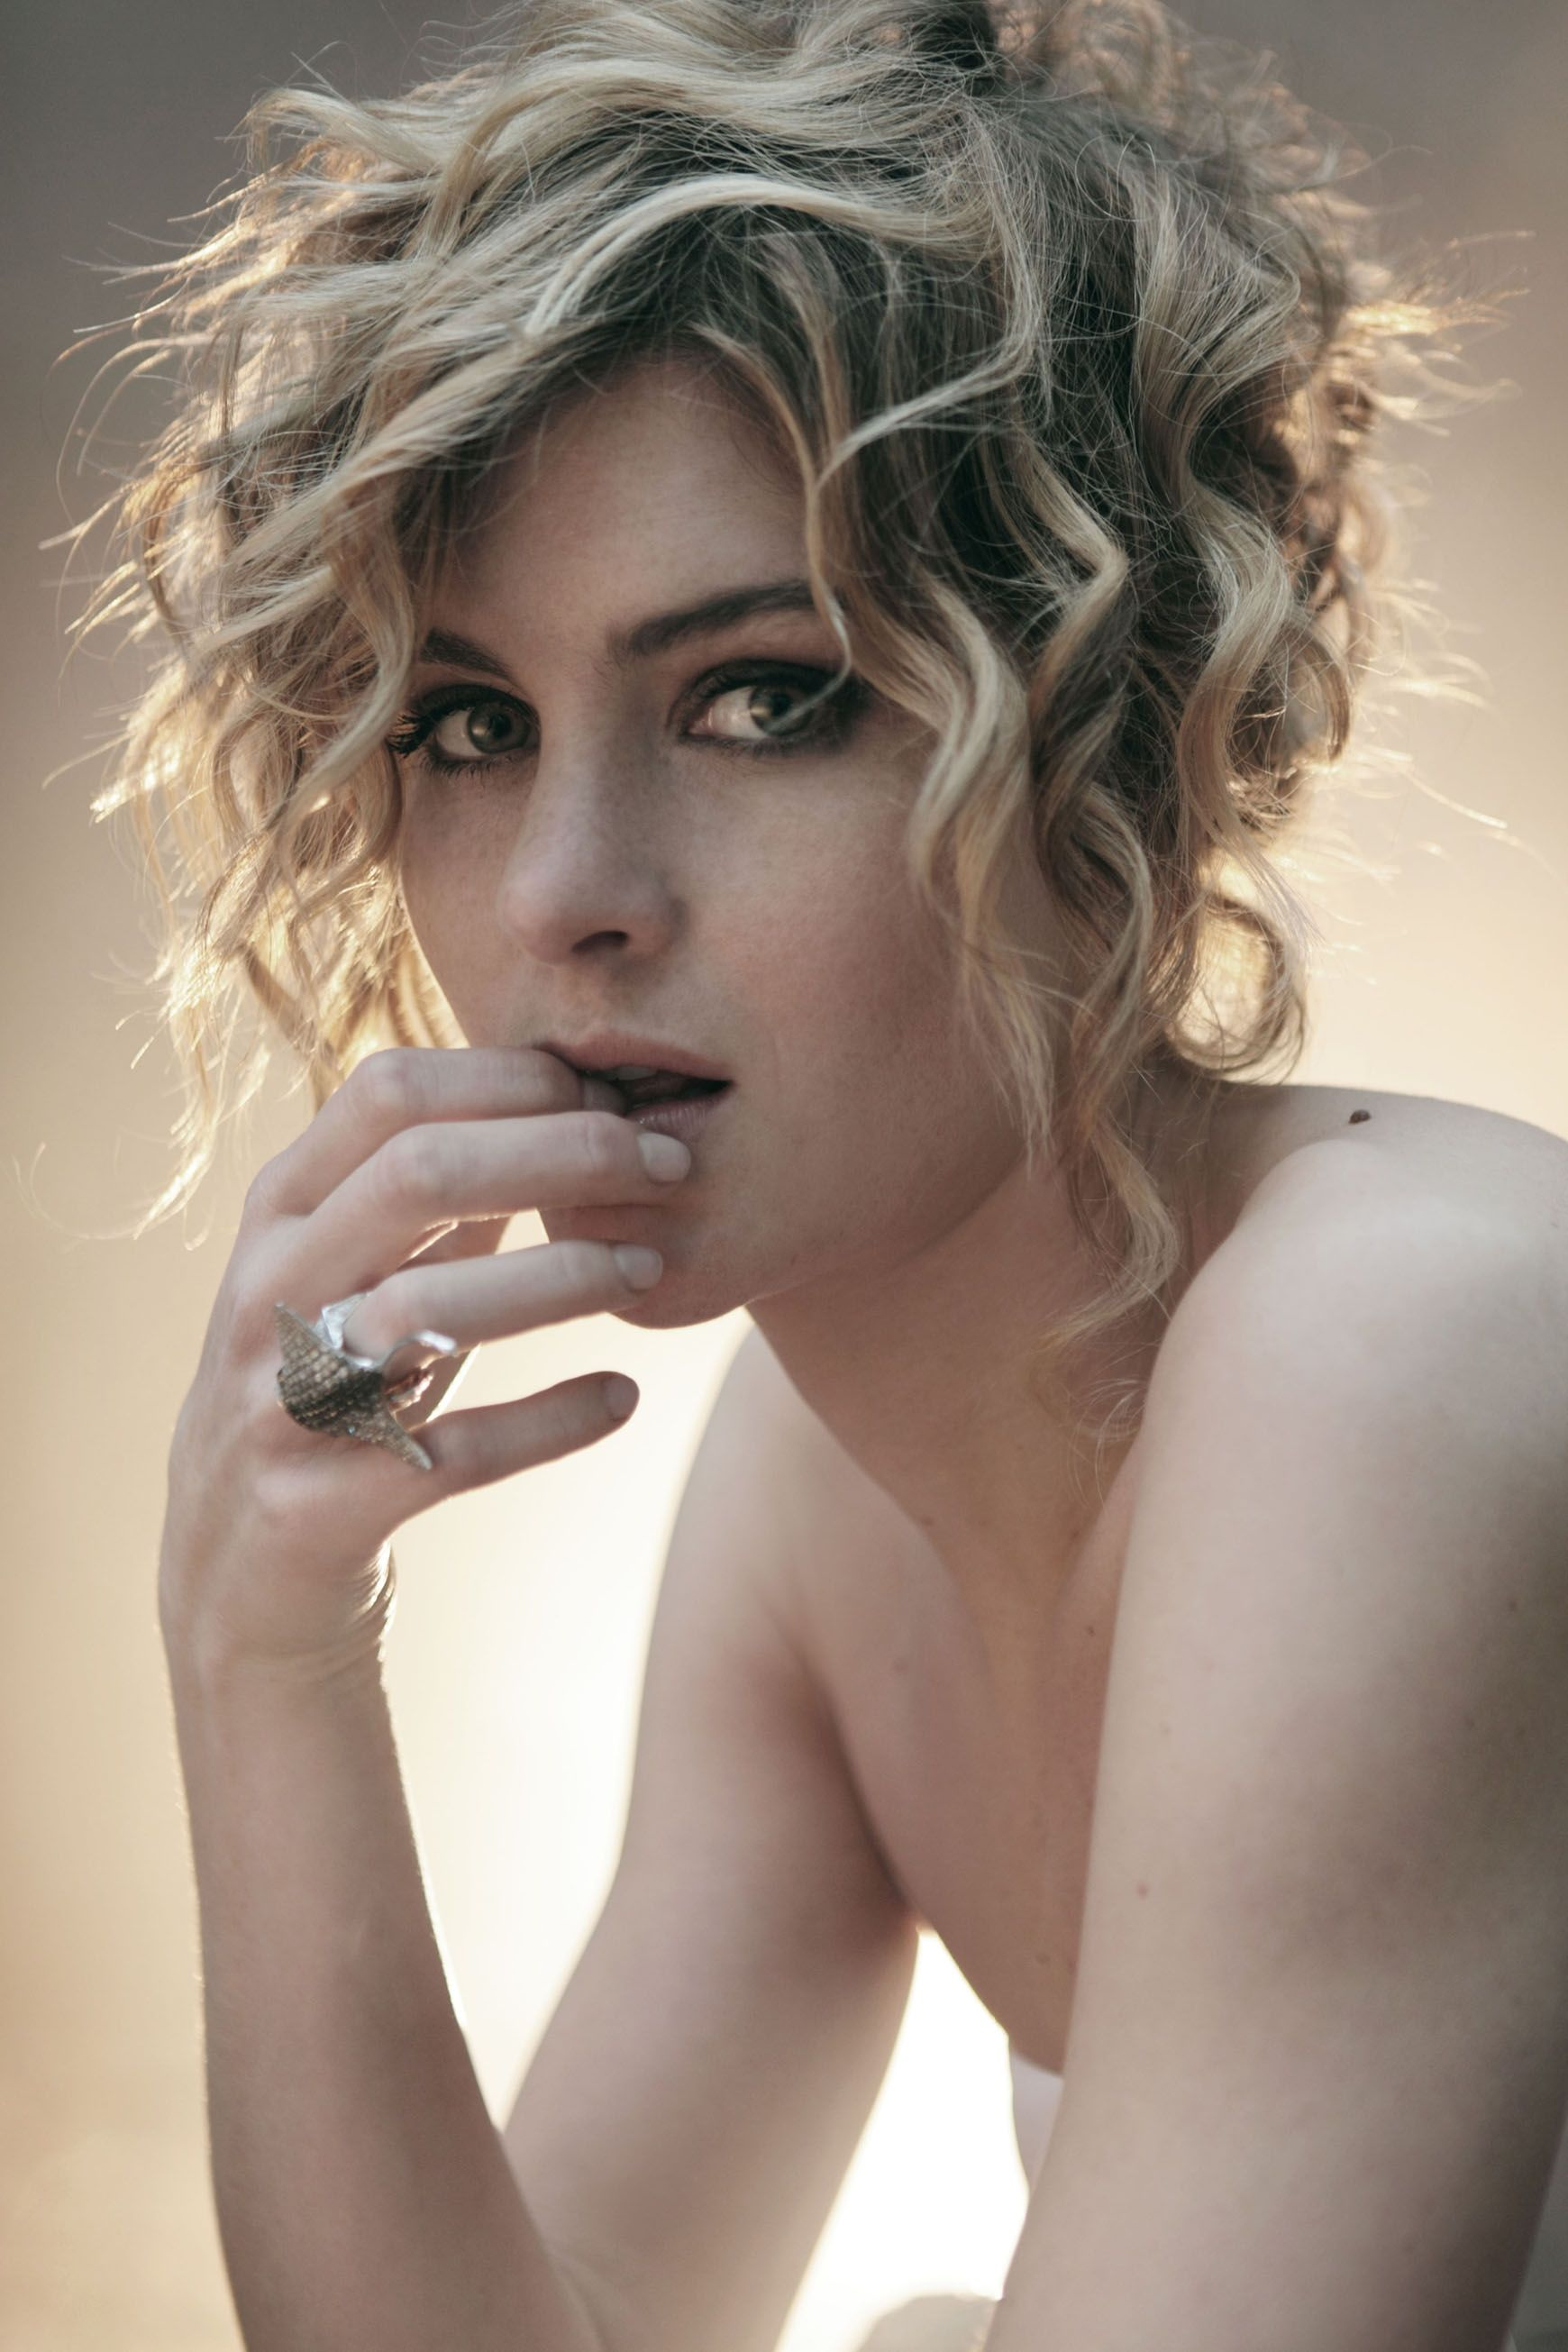 Vittoria Puccini, actress | Vittoria, Hair inspiration